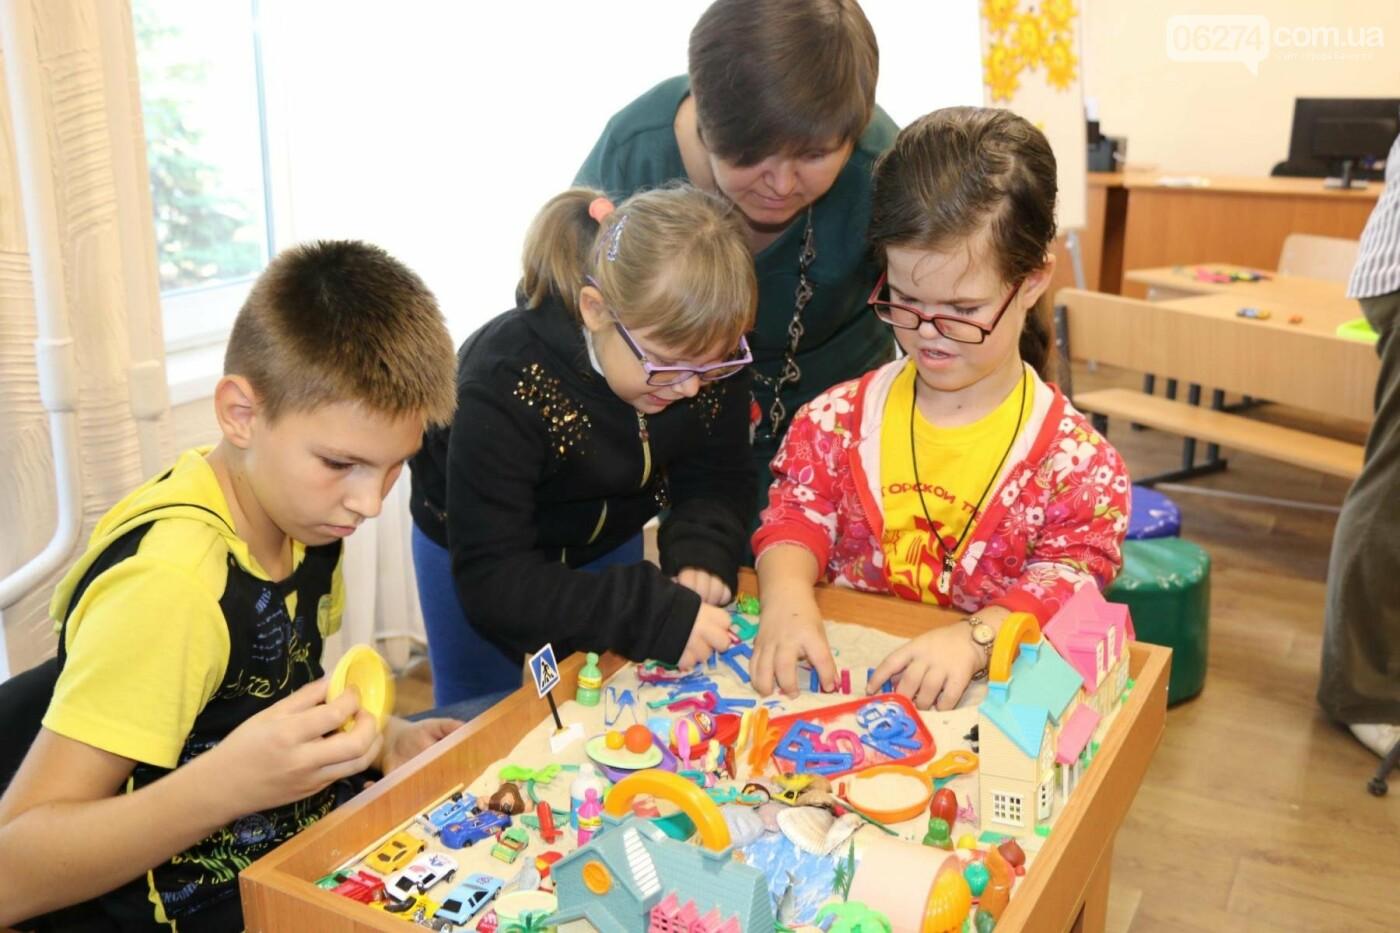 В Бахмуте открыт Инклюзивно-ресурсный центр для детей с особыми потребностями, фото-16